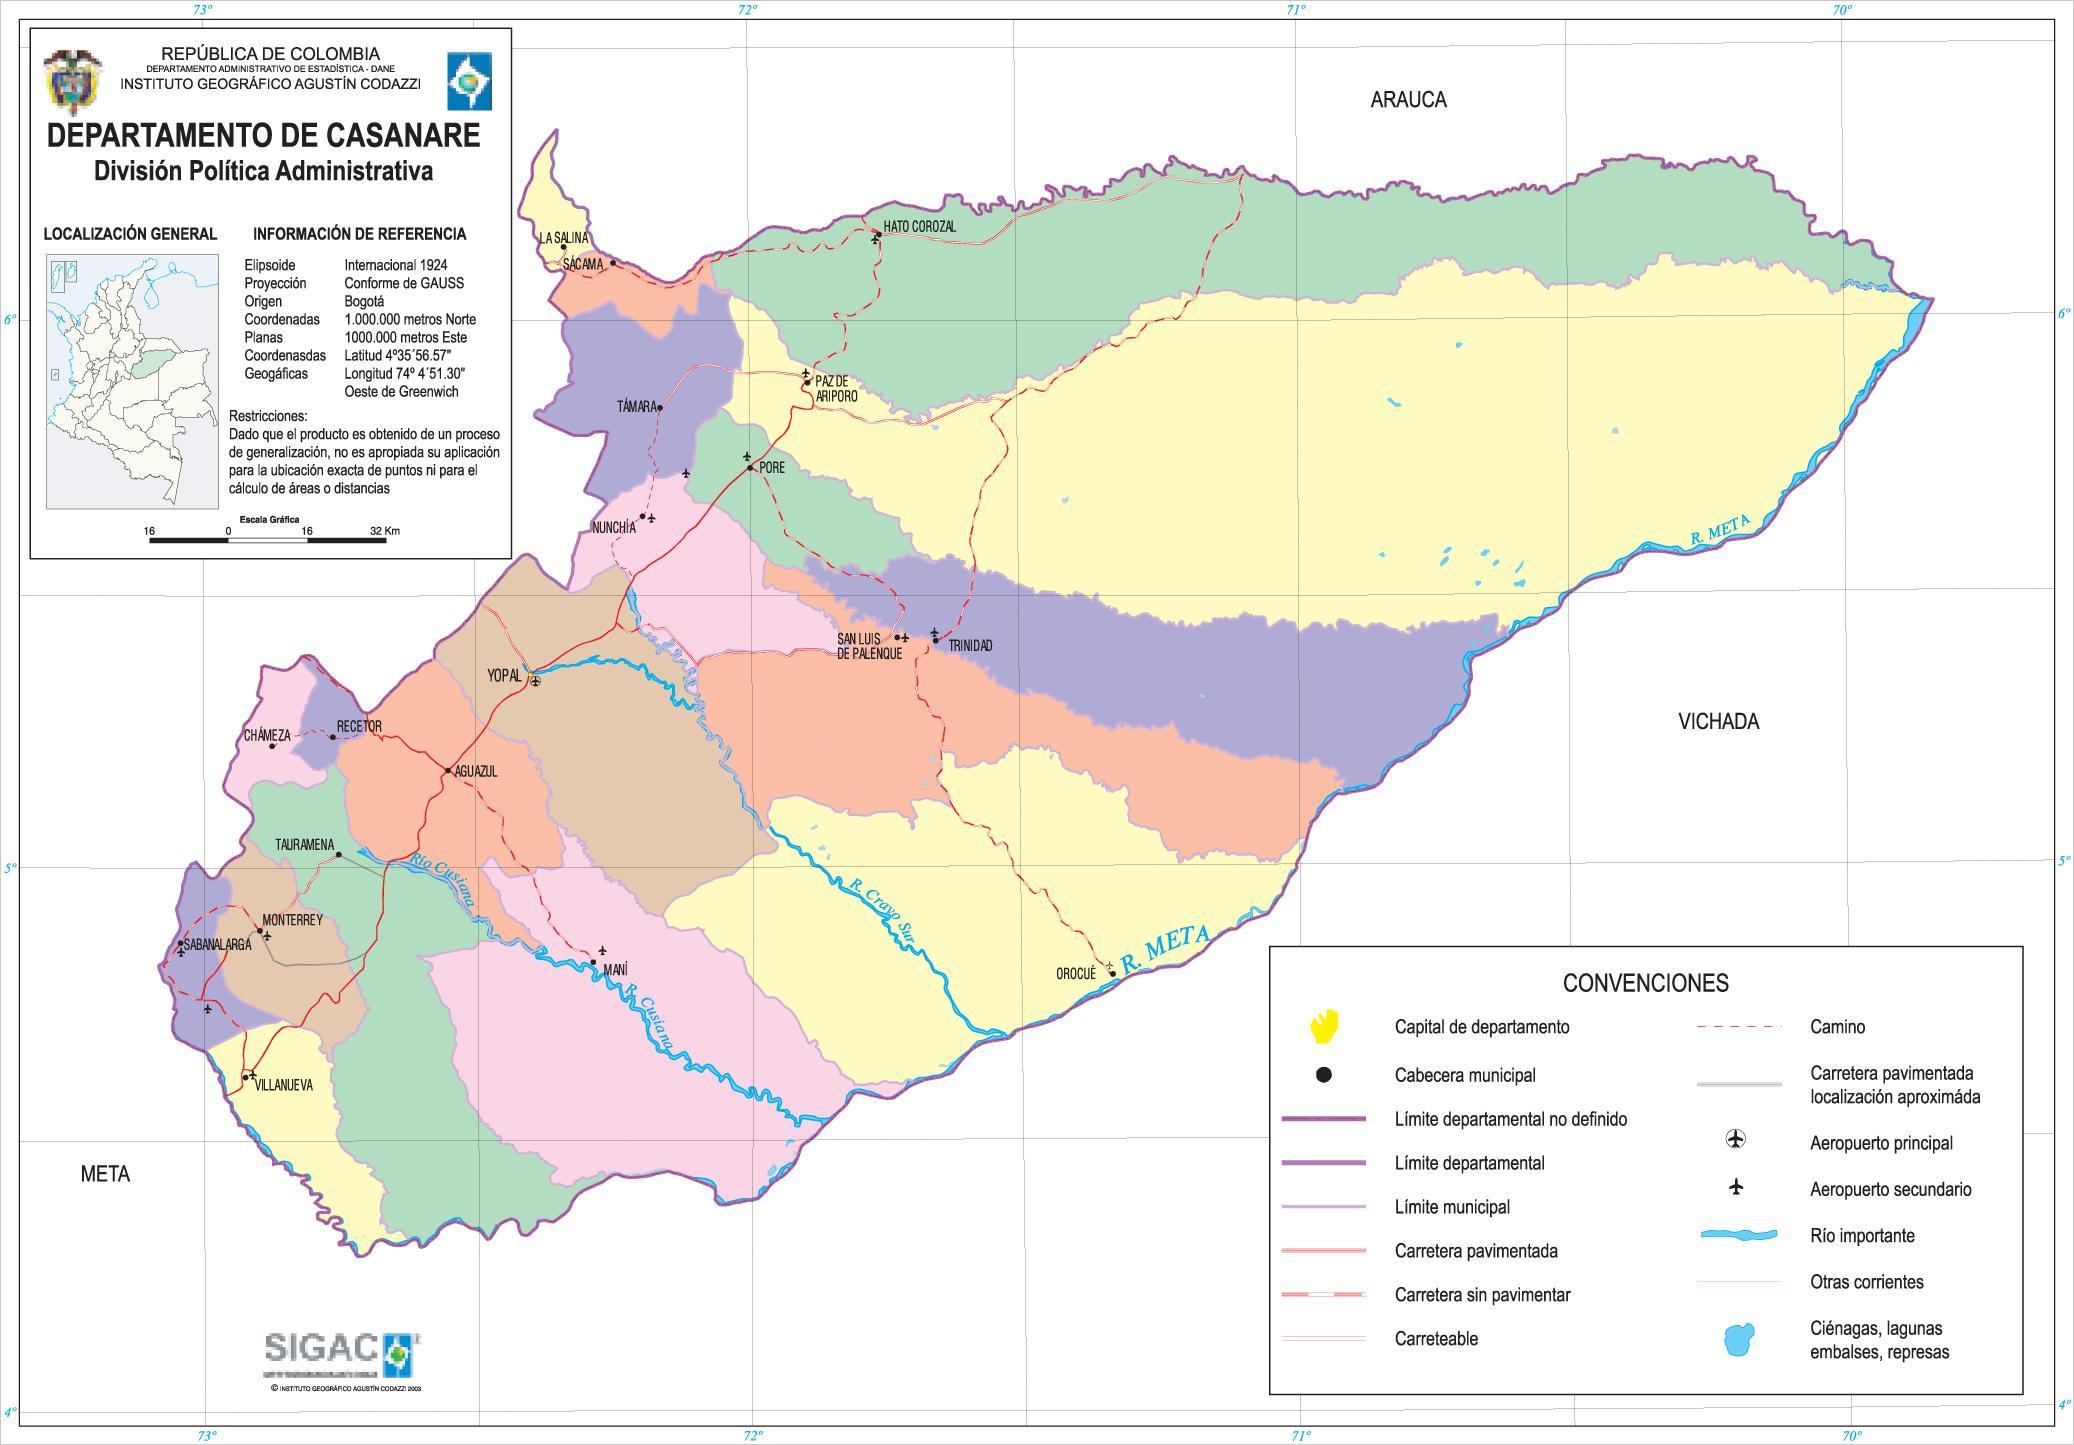 Mapa del Departamento de Casanare, Colombia